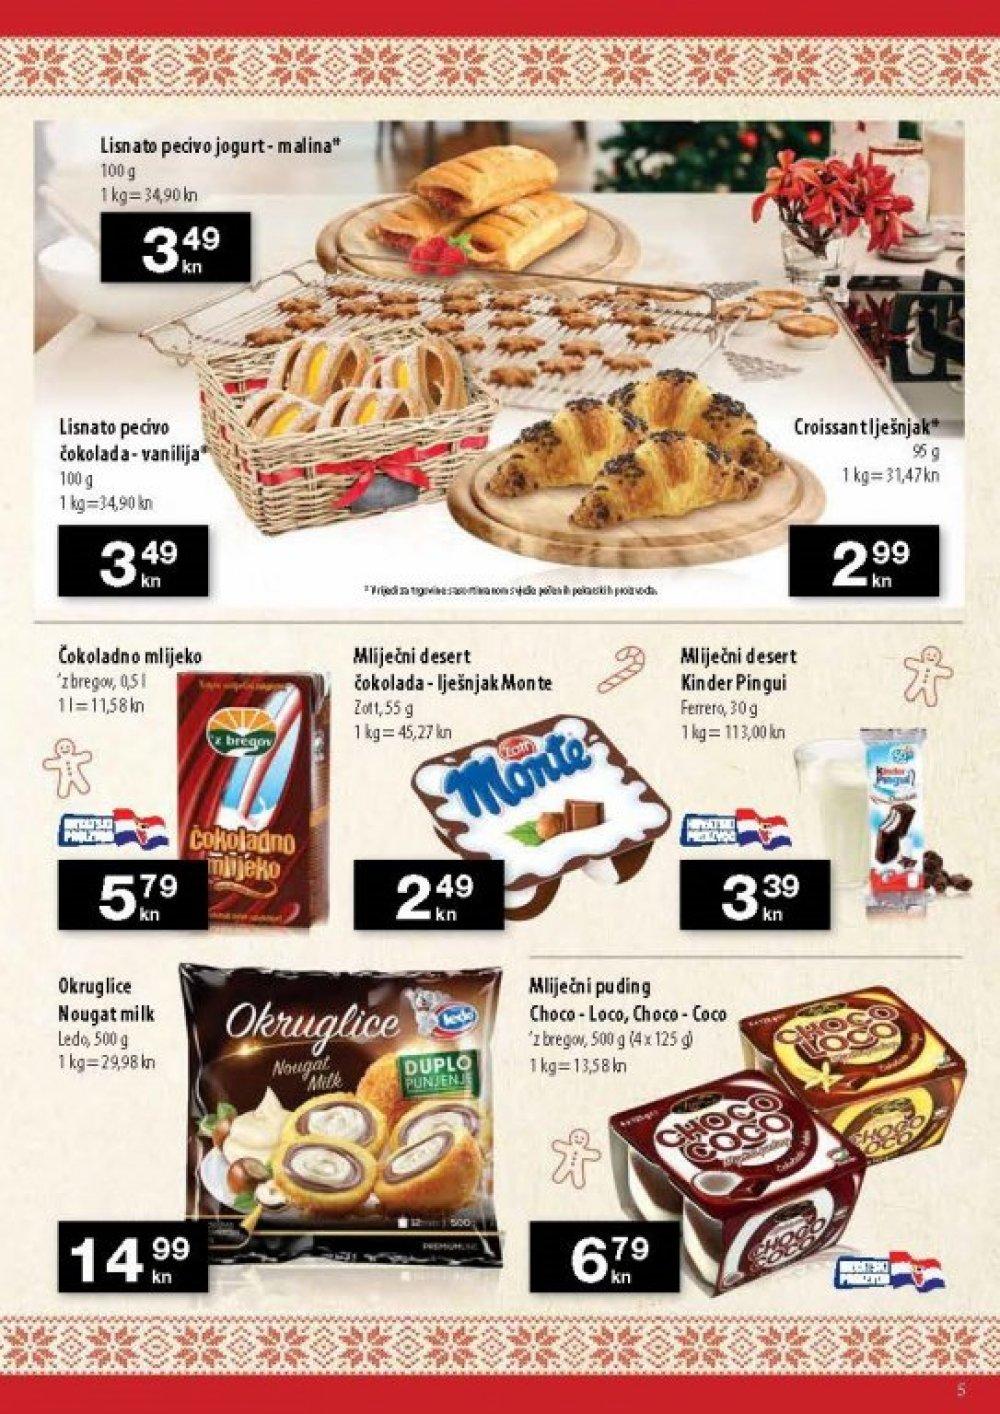 NTL katalog Slatki dani 29.11.-07.12.2018. u pojedinim prodajnim mjestima